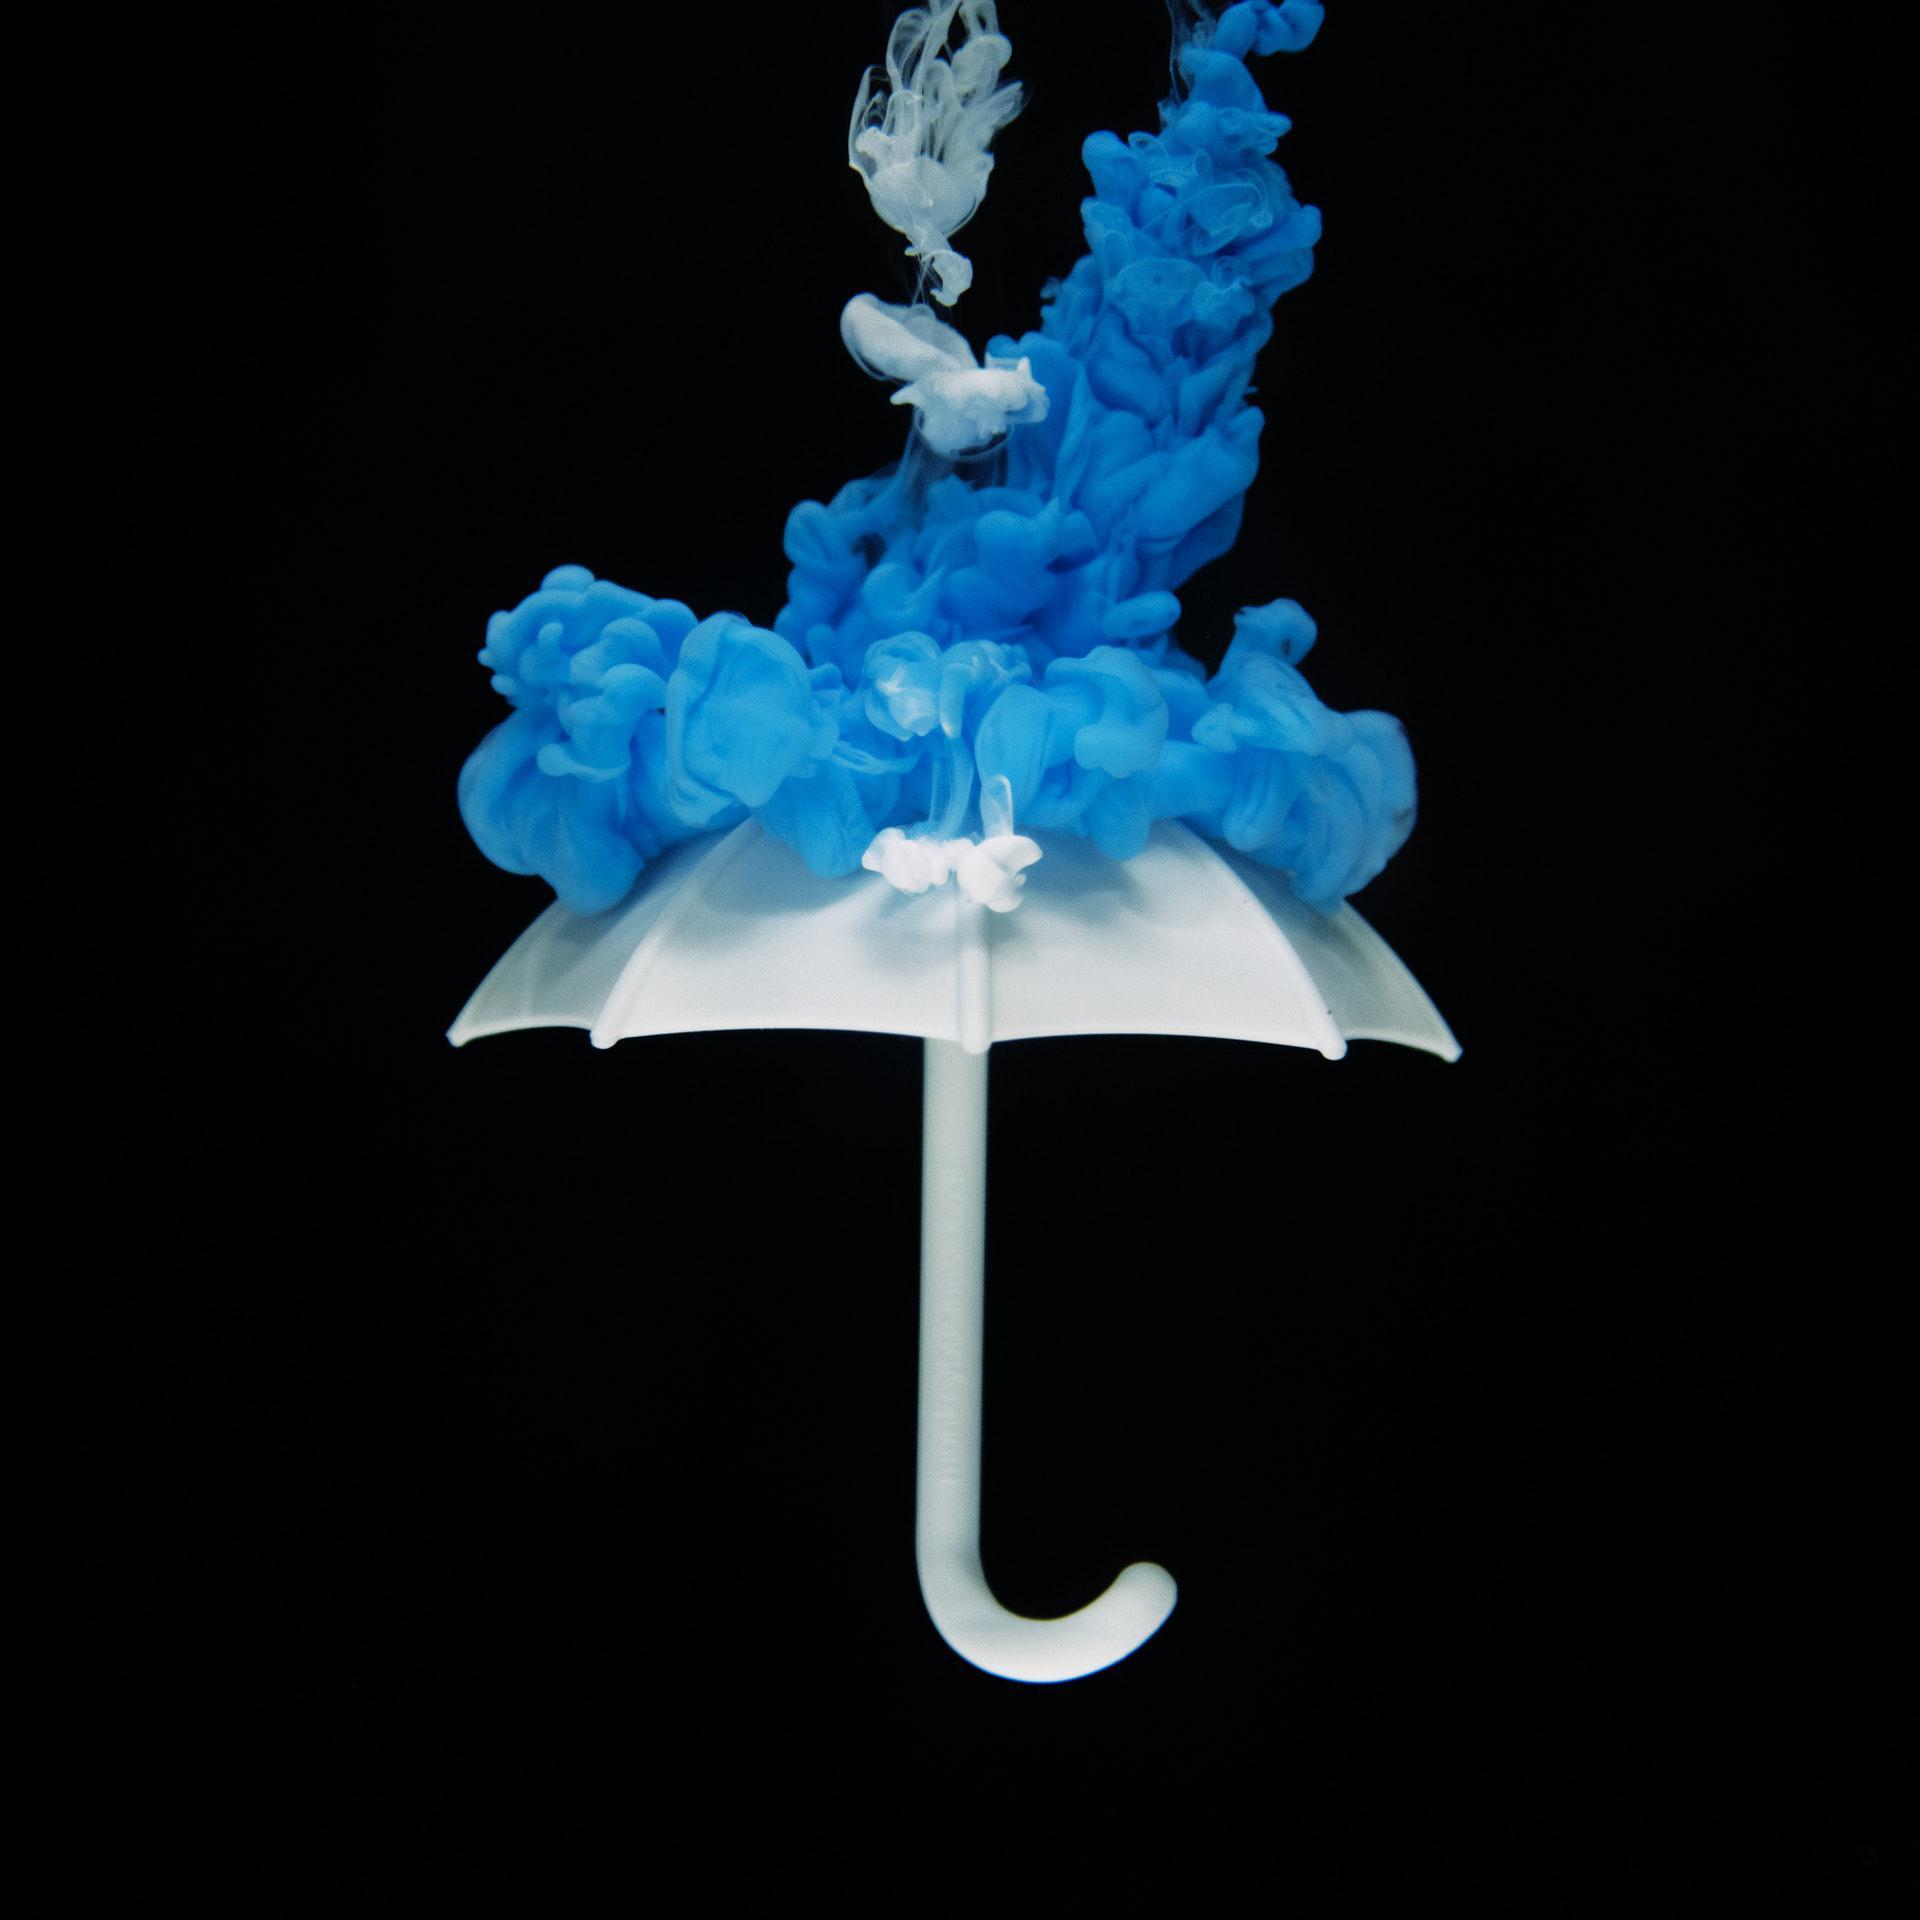 عکس زمینه چتر سفید با دود آبی با پس زمینه سیاه پس زمینه